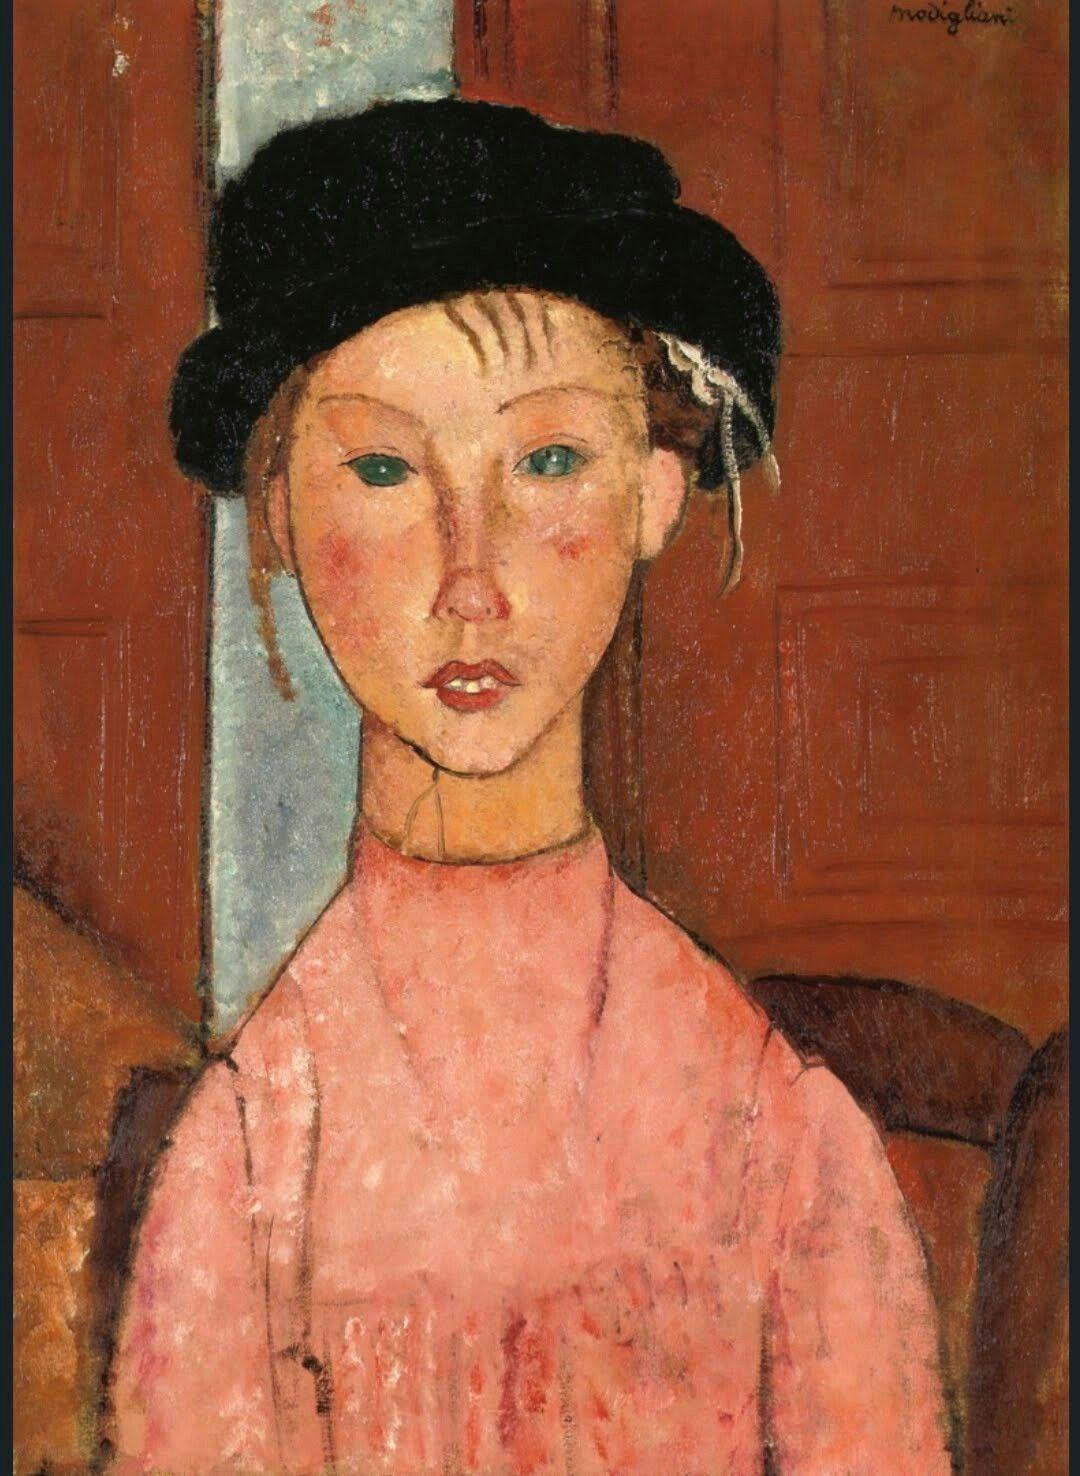 Épinglé sur Amedeo Modigliani